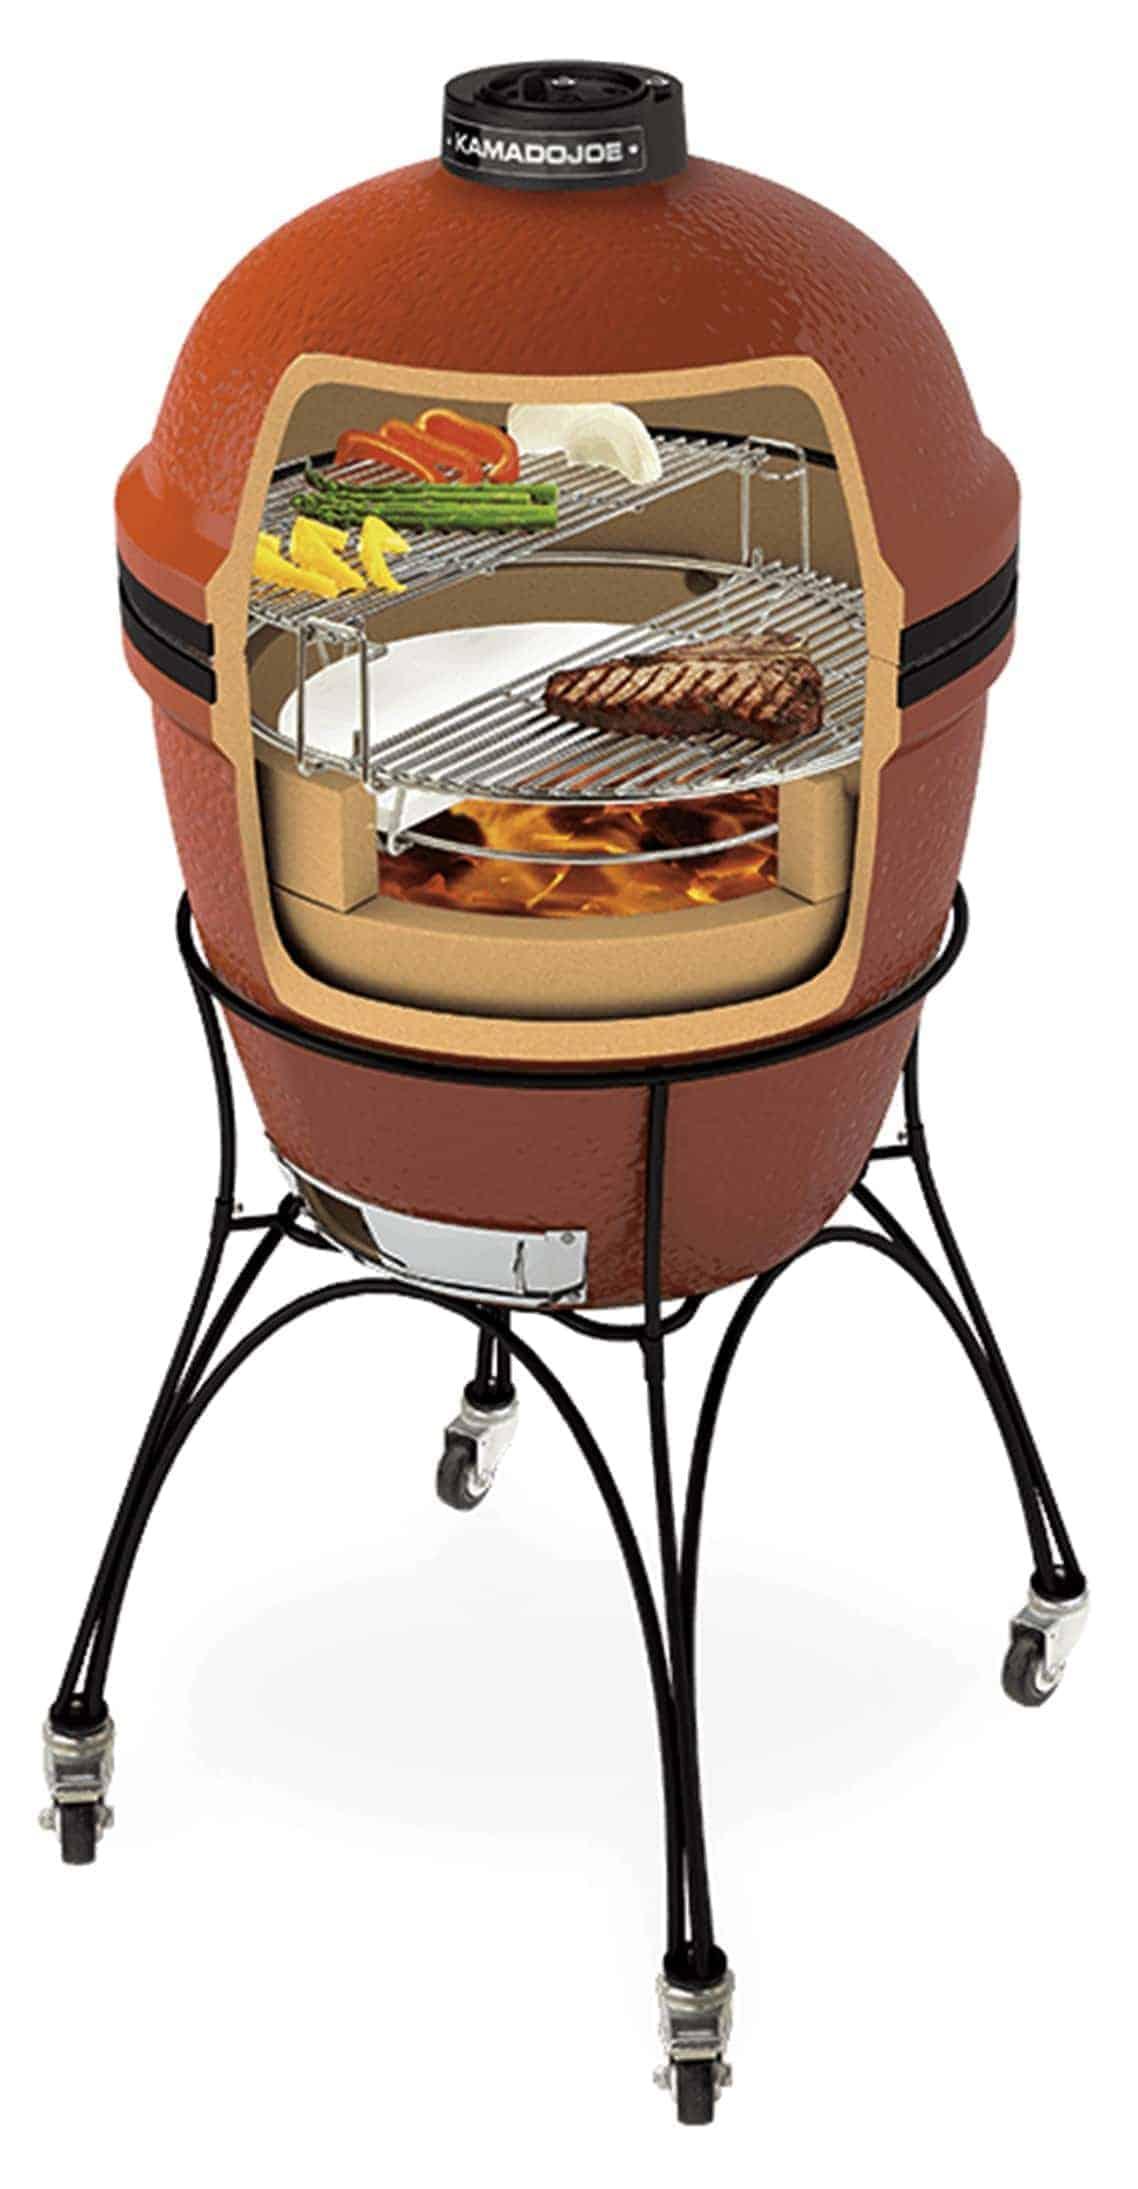 Kamado Joe Classic Bbq Charcoal Barbecues Wood Fired